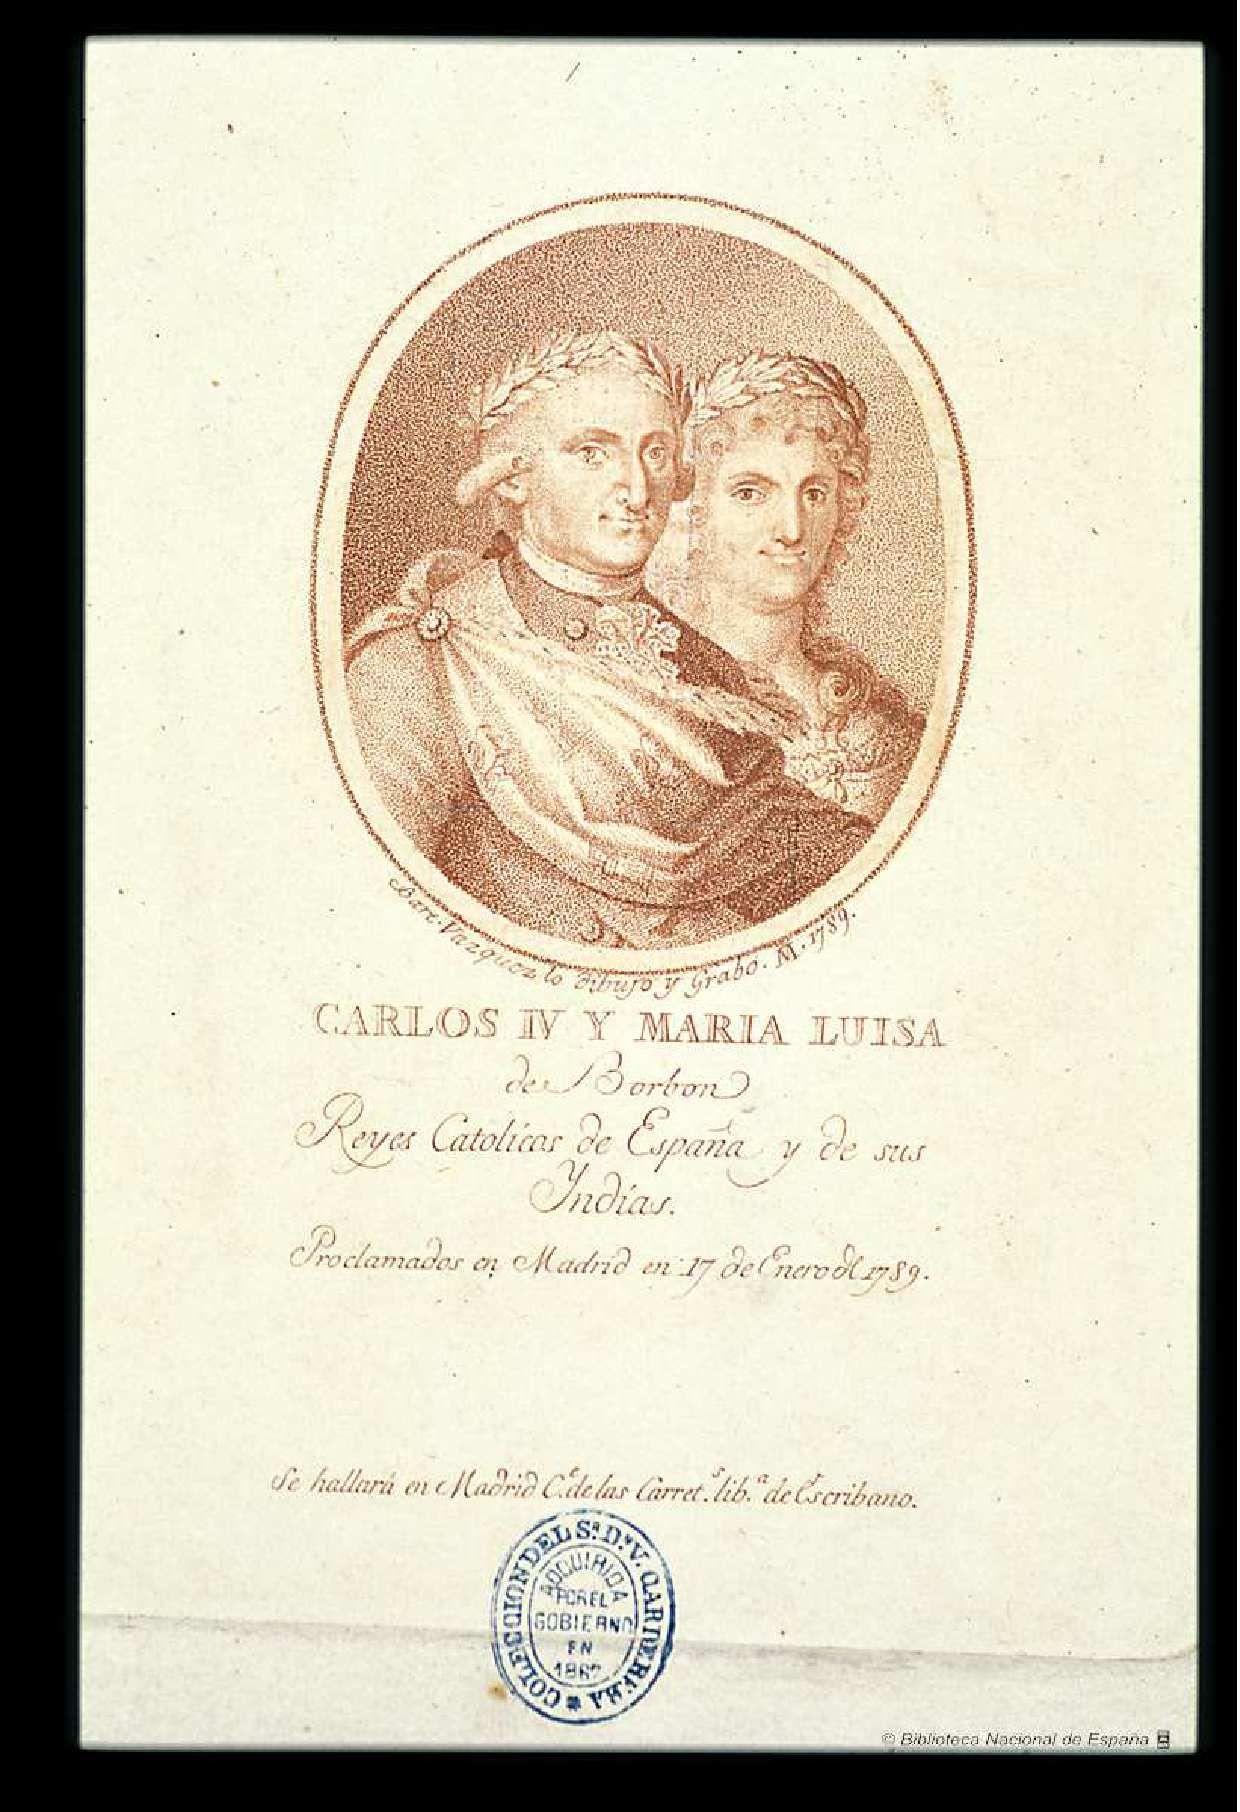 [Retrato de Carlos IV]. Vázquez, Bartolomé (1749-1802) — Grabado — ?